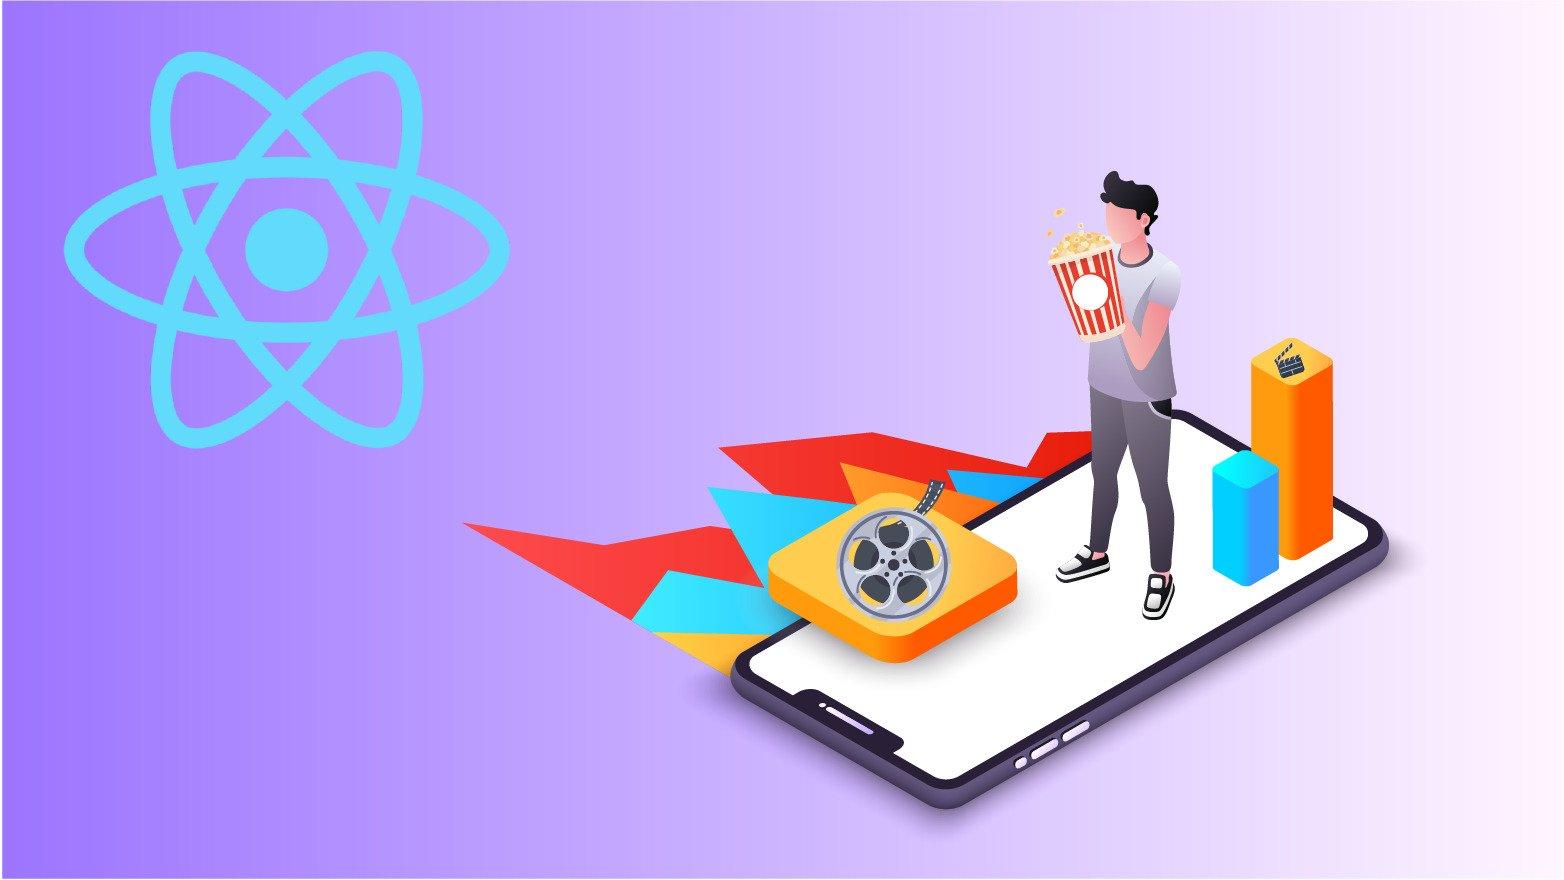 آموزش گام به گام React Native - آموزش پروژه محور React Native - آموزش ری اکت نیتیو - ساخت برنامه با React Native